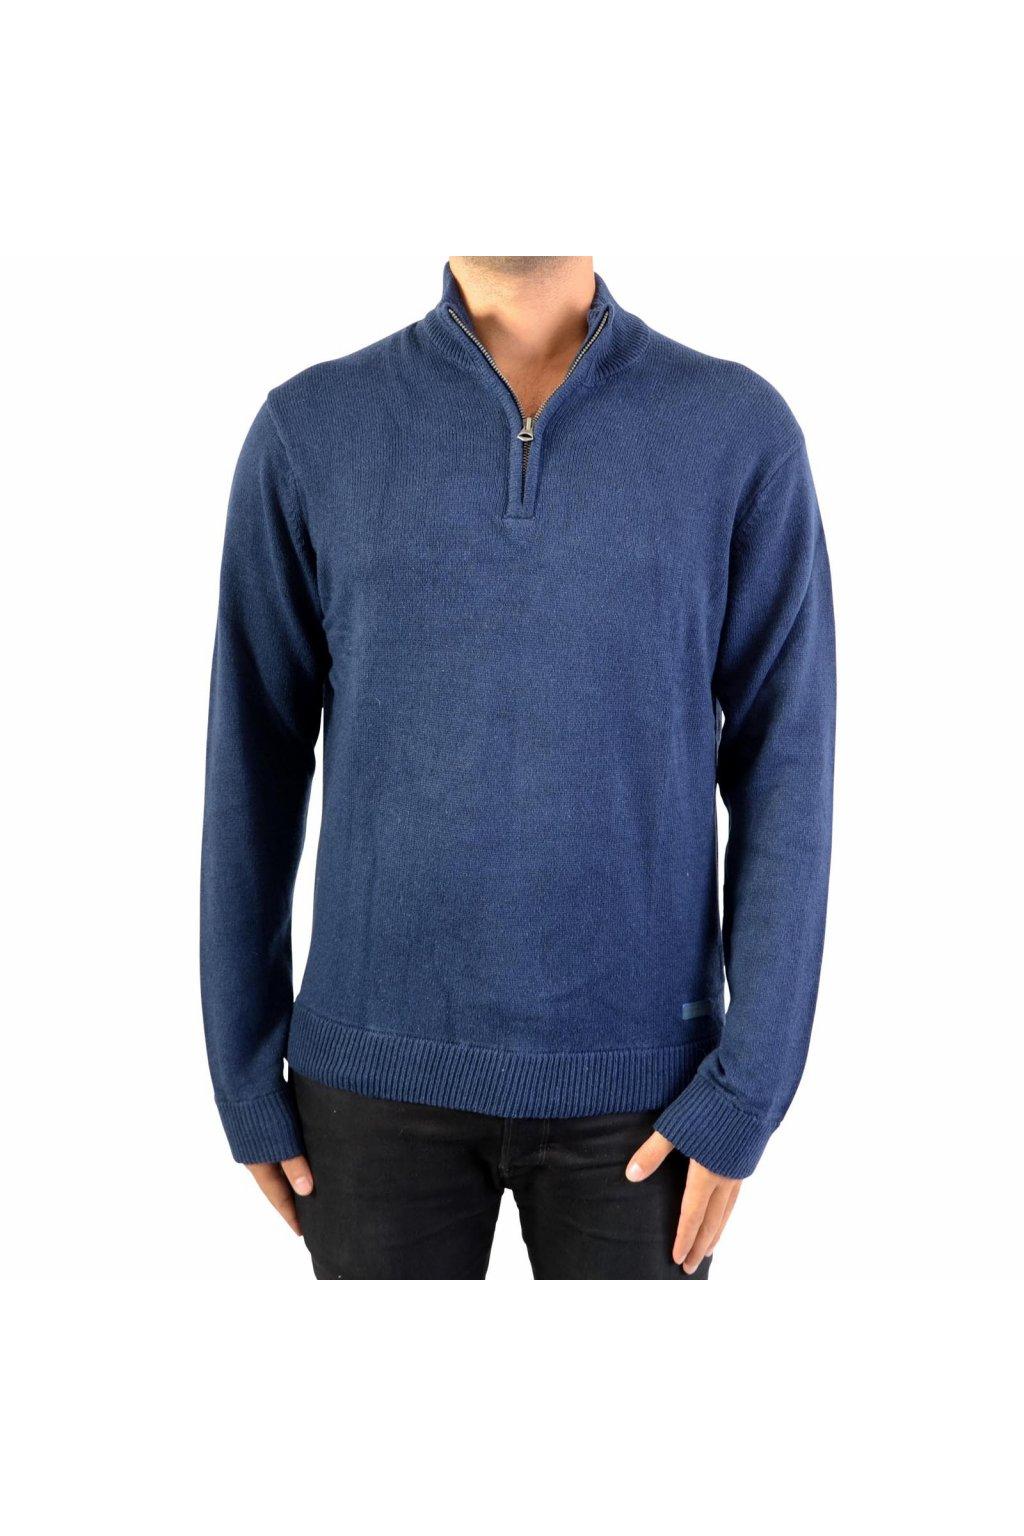 Pánský svetr Pepe jeans PM701356